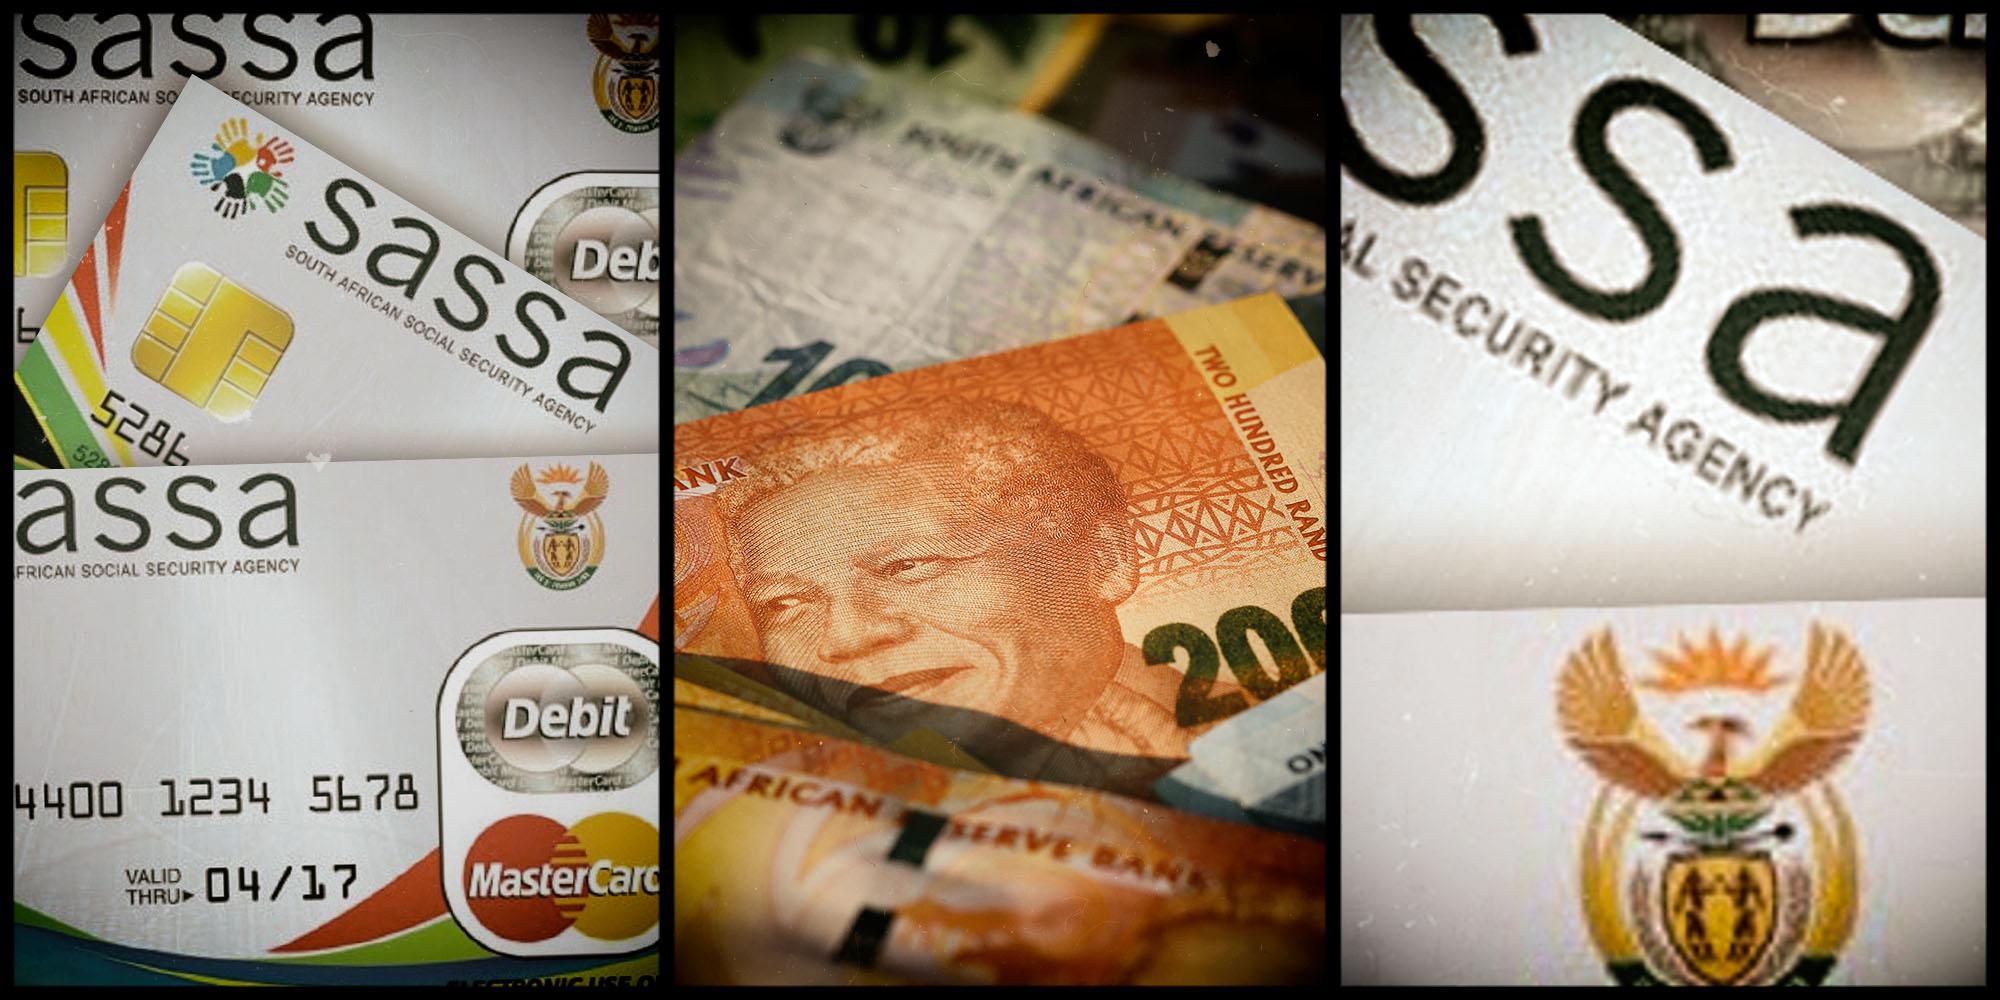 Kronieke van voorspelde skuld - die hof beveel dat CPS SASSA R316 miljoen moet terugbetaal, maar sal dit nie? - Daily Maverick